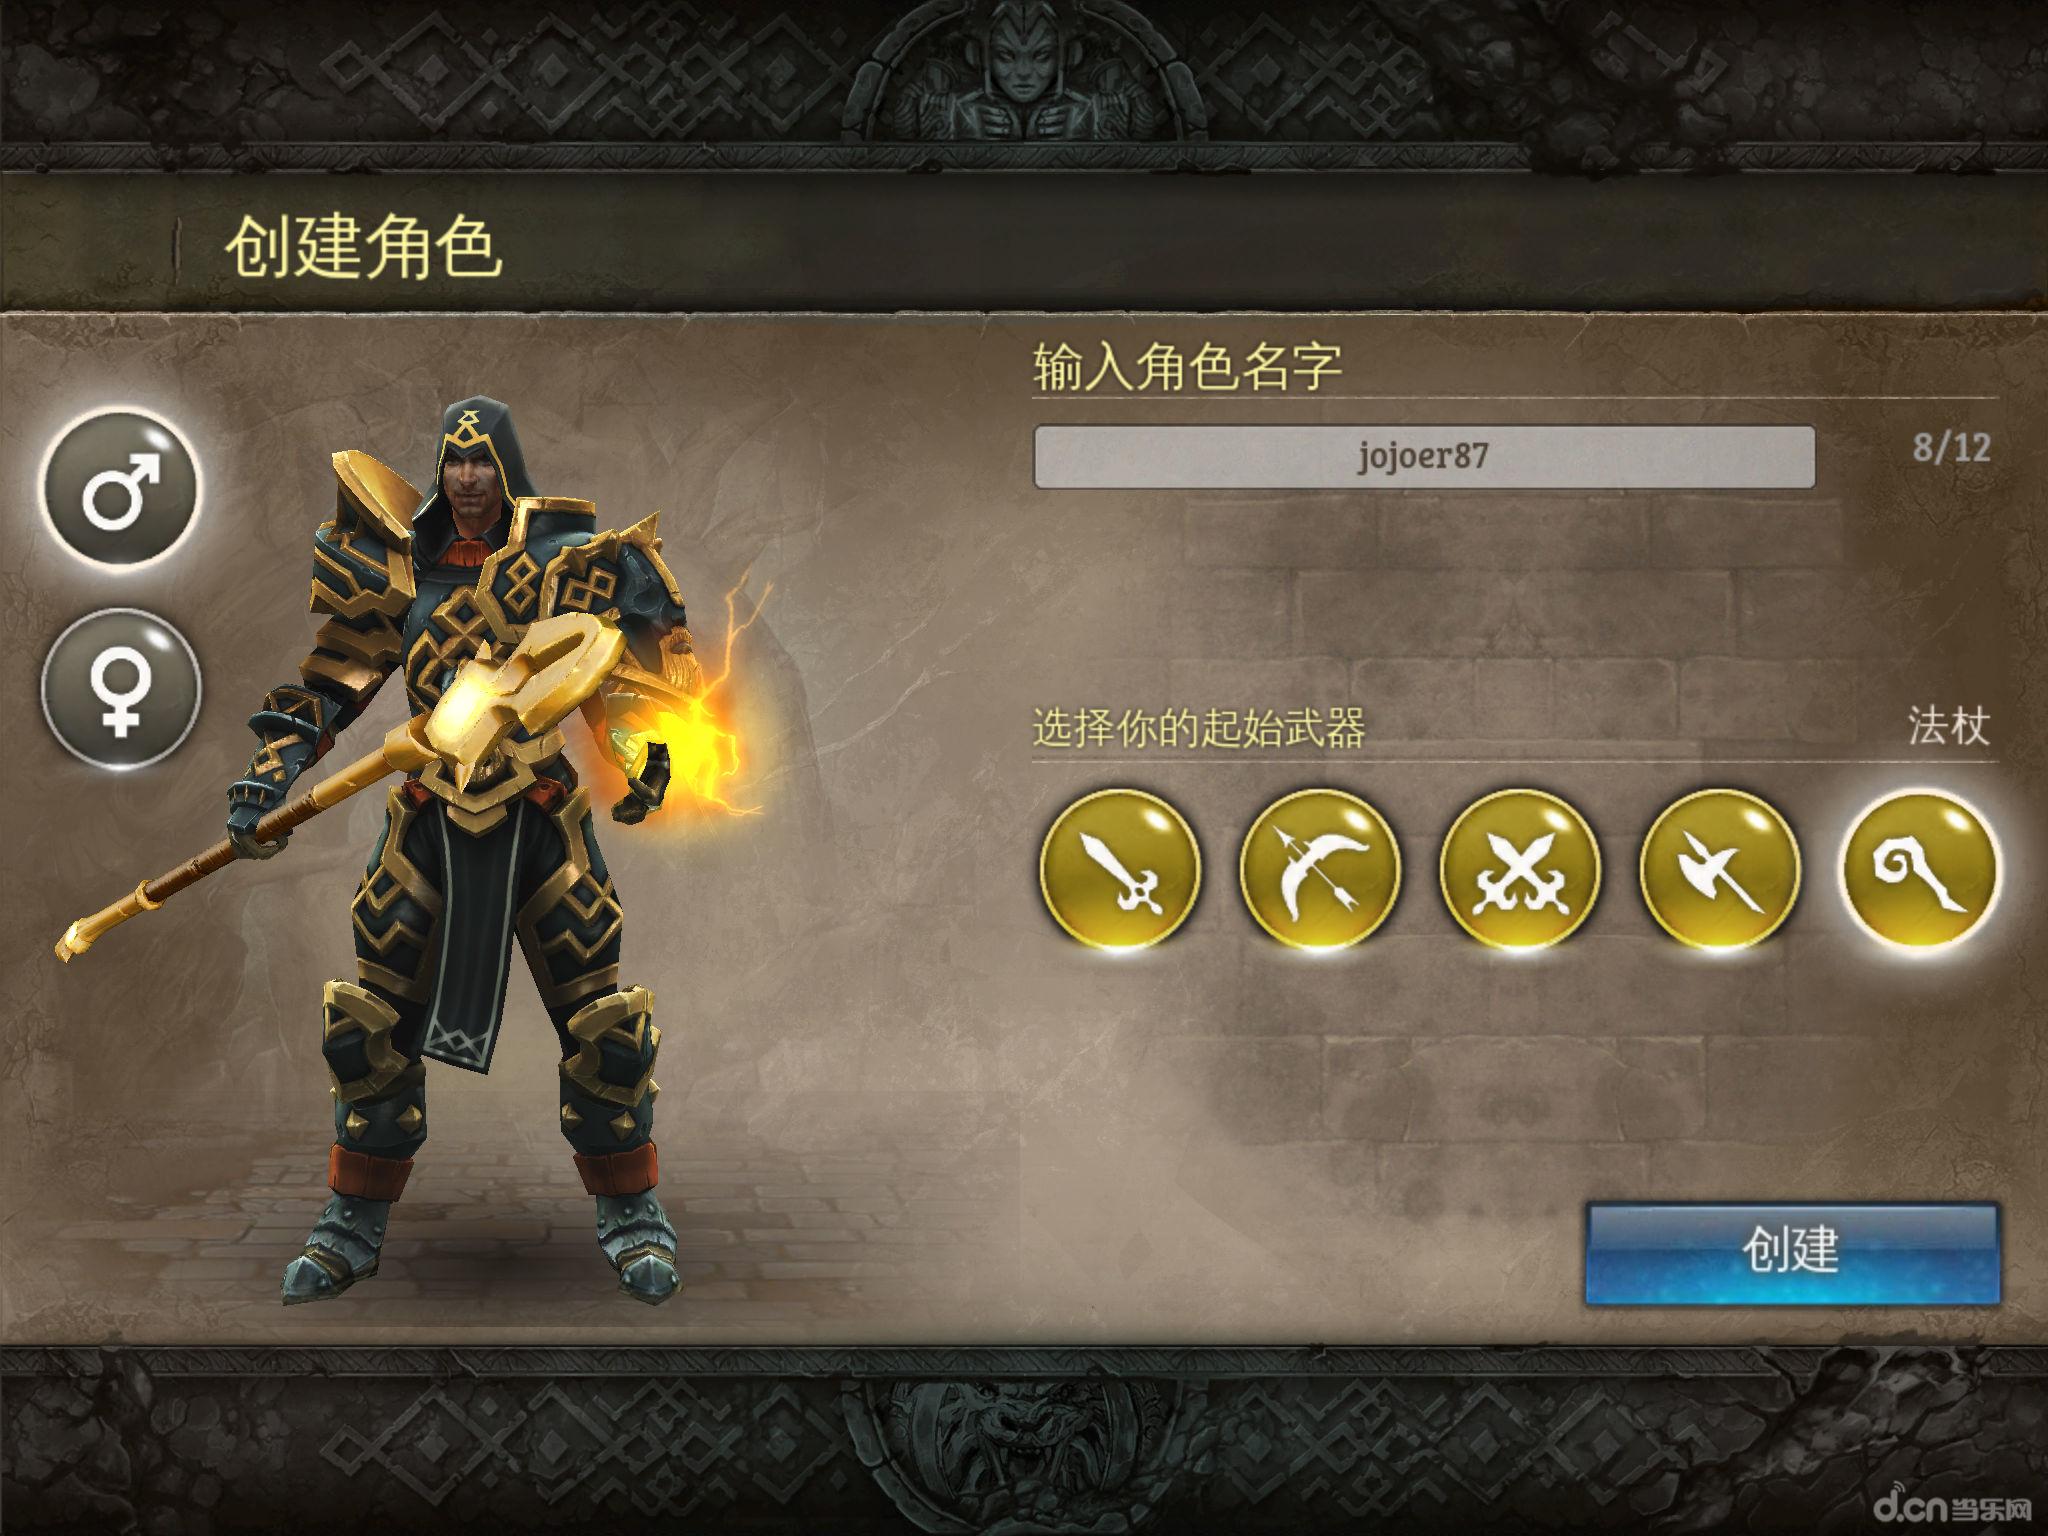 《地牢猎手5 Dungeon Hunter 5》 各大职业详细介绍,什么职业厉害?